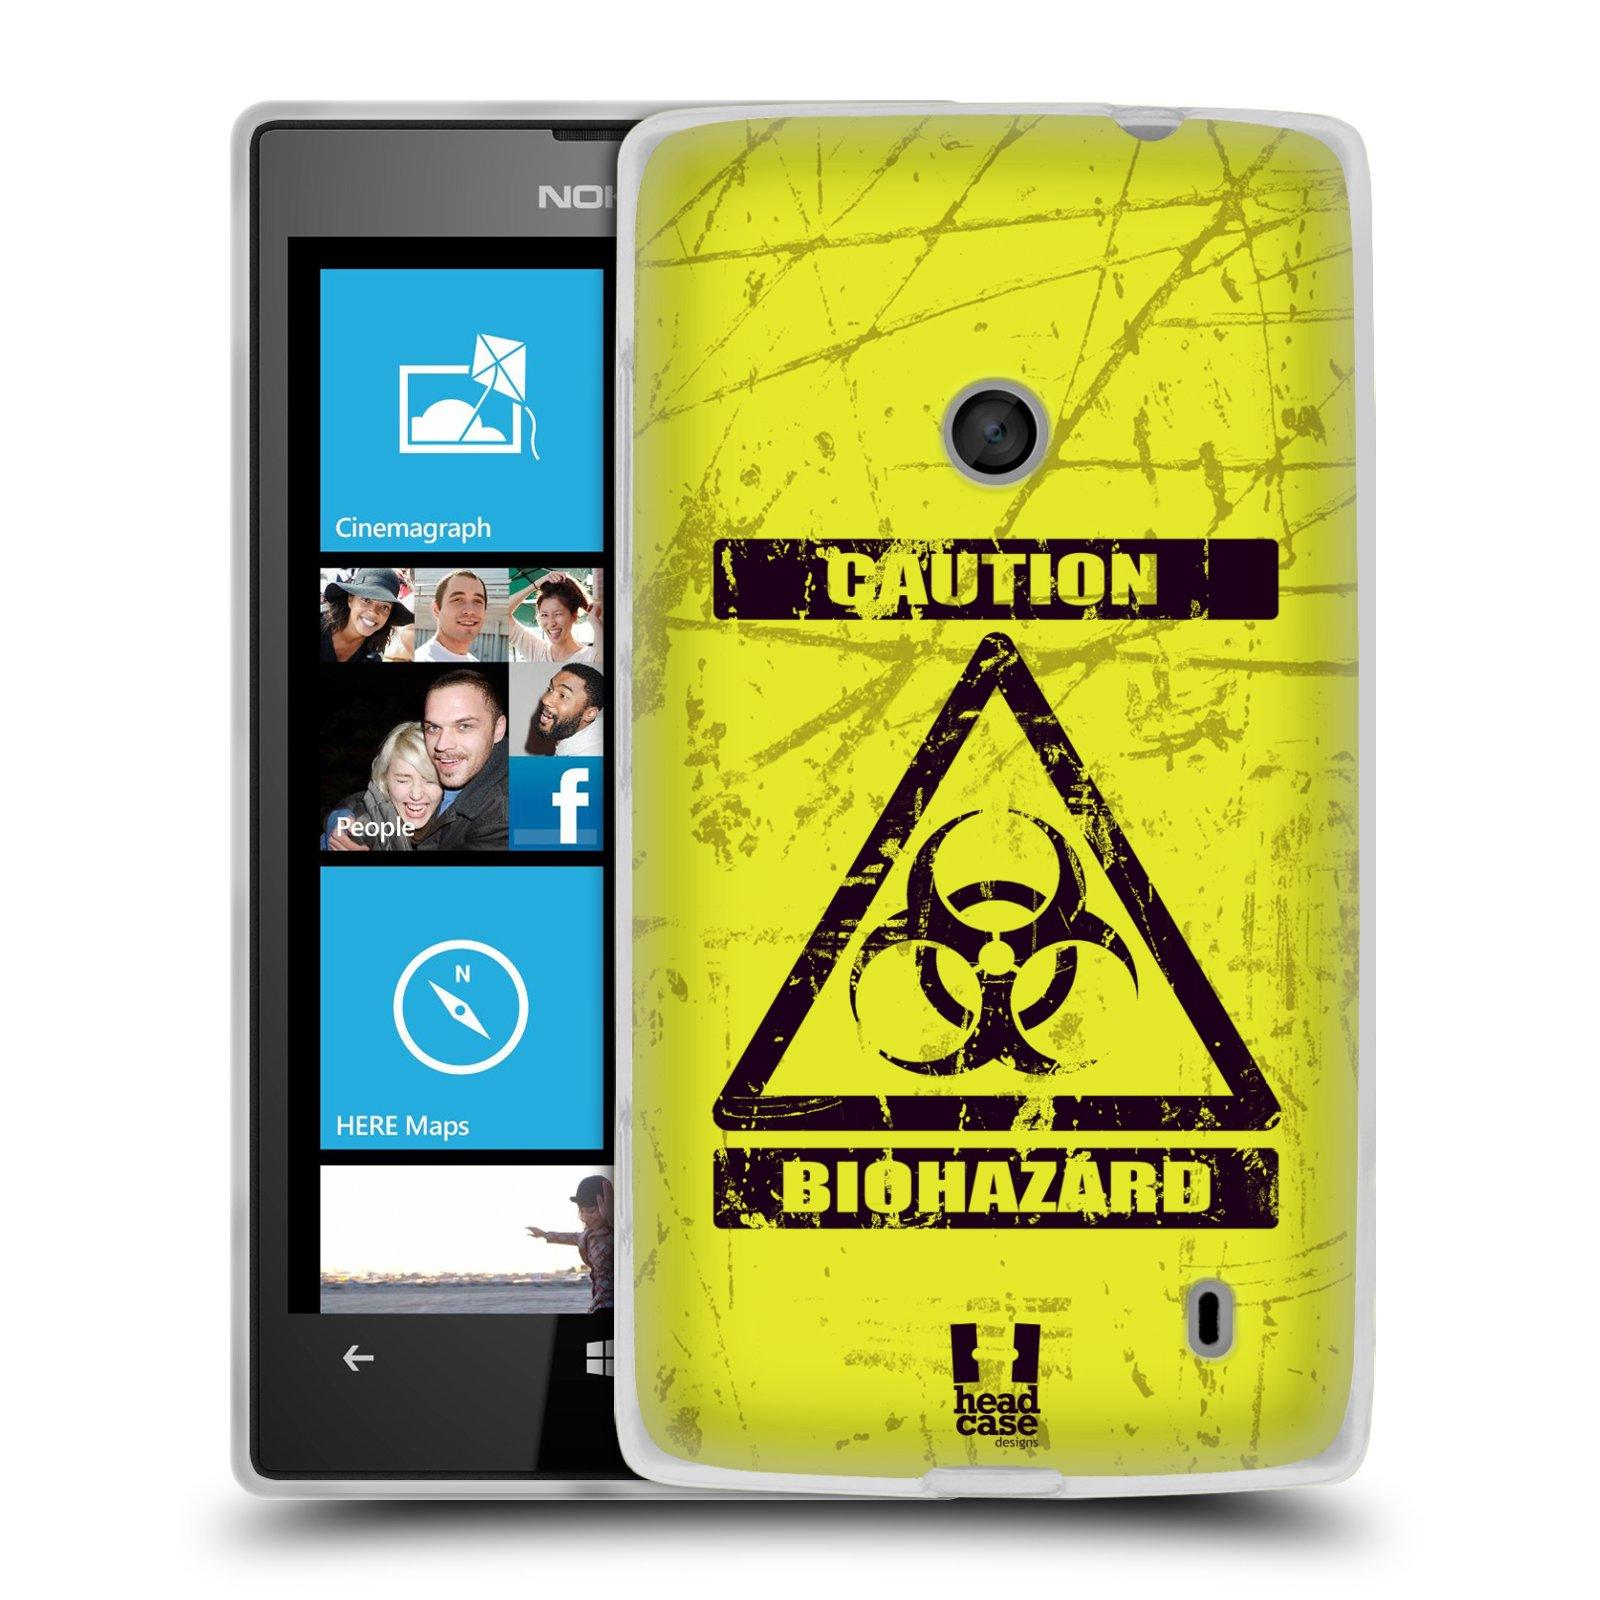 Silikonové pouzdro na mobil Nokia Lumia 520 HEAD CASE BIOHAZARD (Silikonový Kryt či obal na mobilní telefon Nokia Lumia 520)